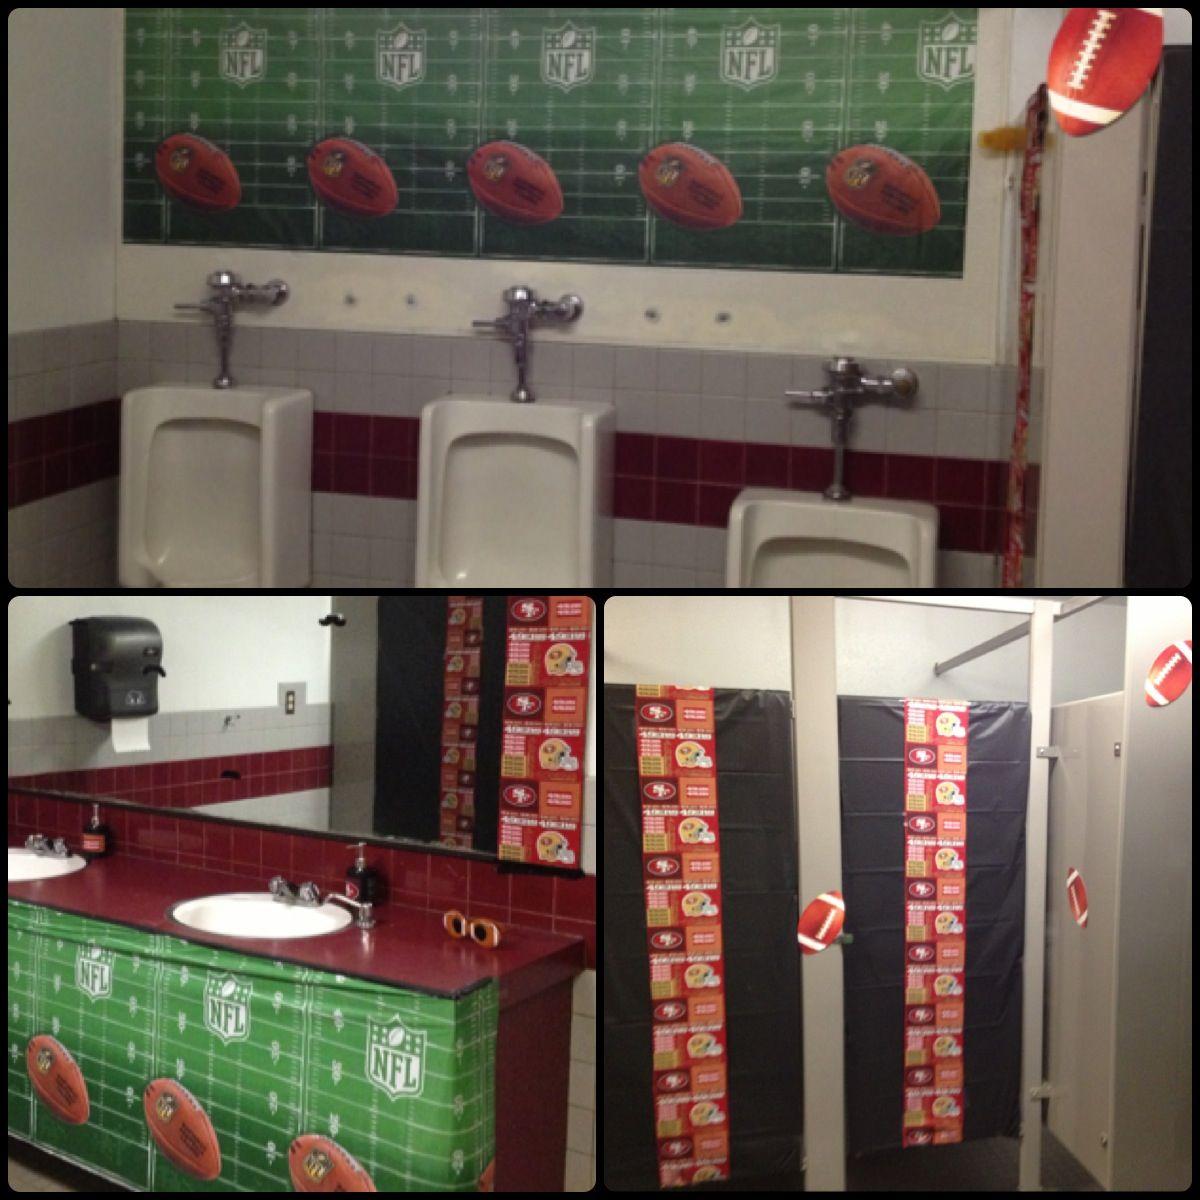 Football Themed Bathroom 49ers